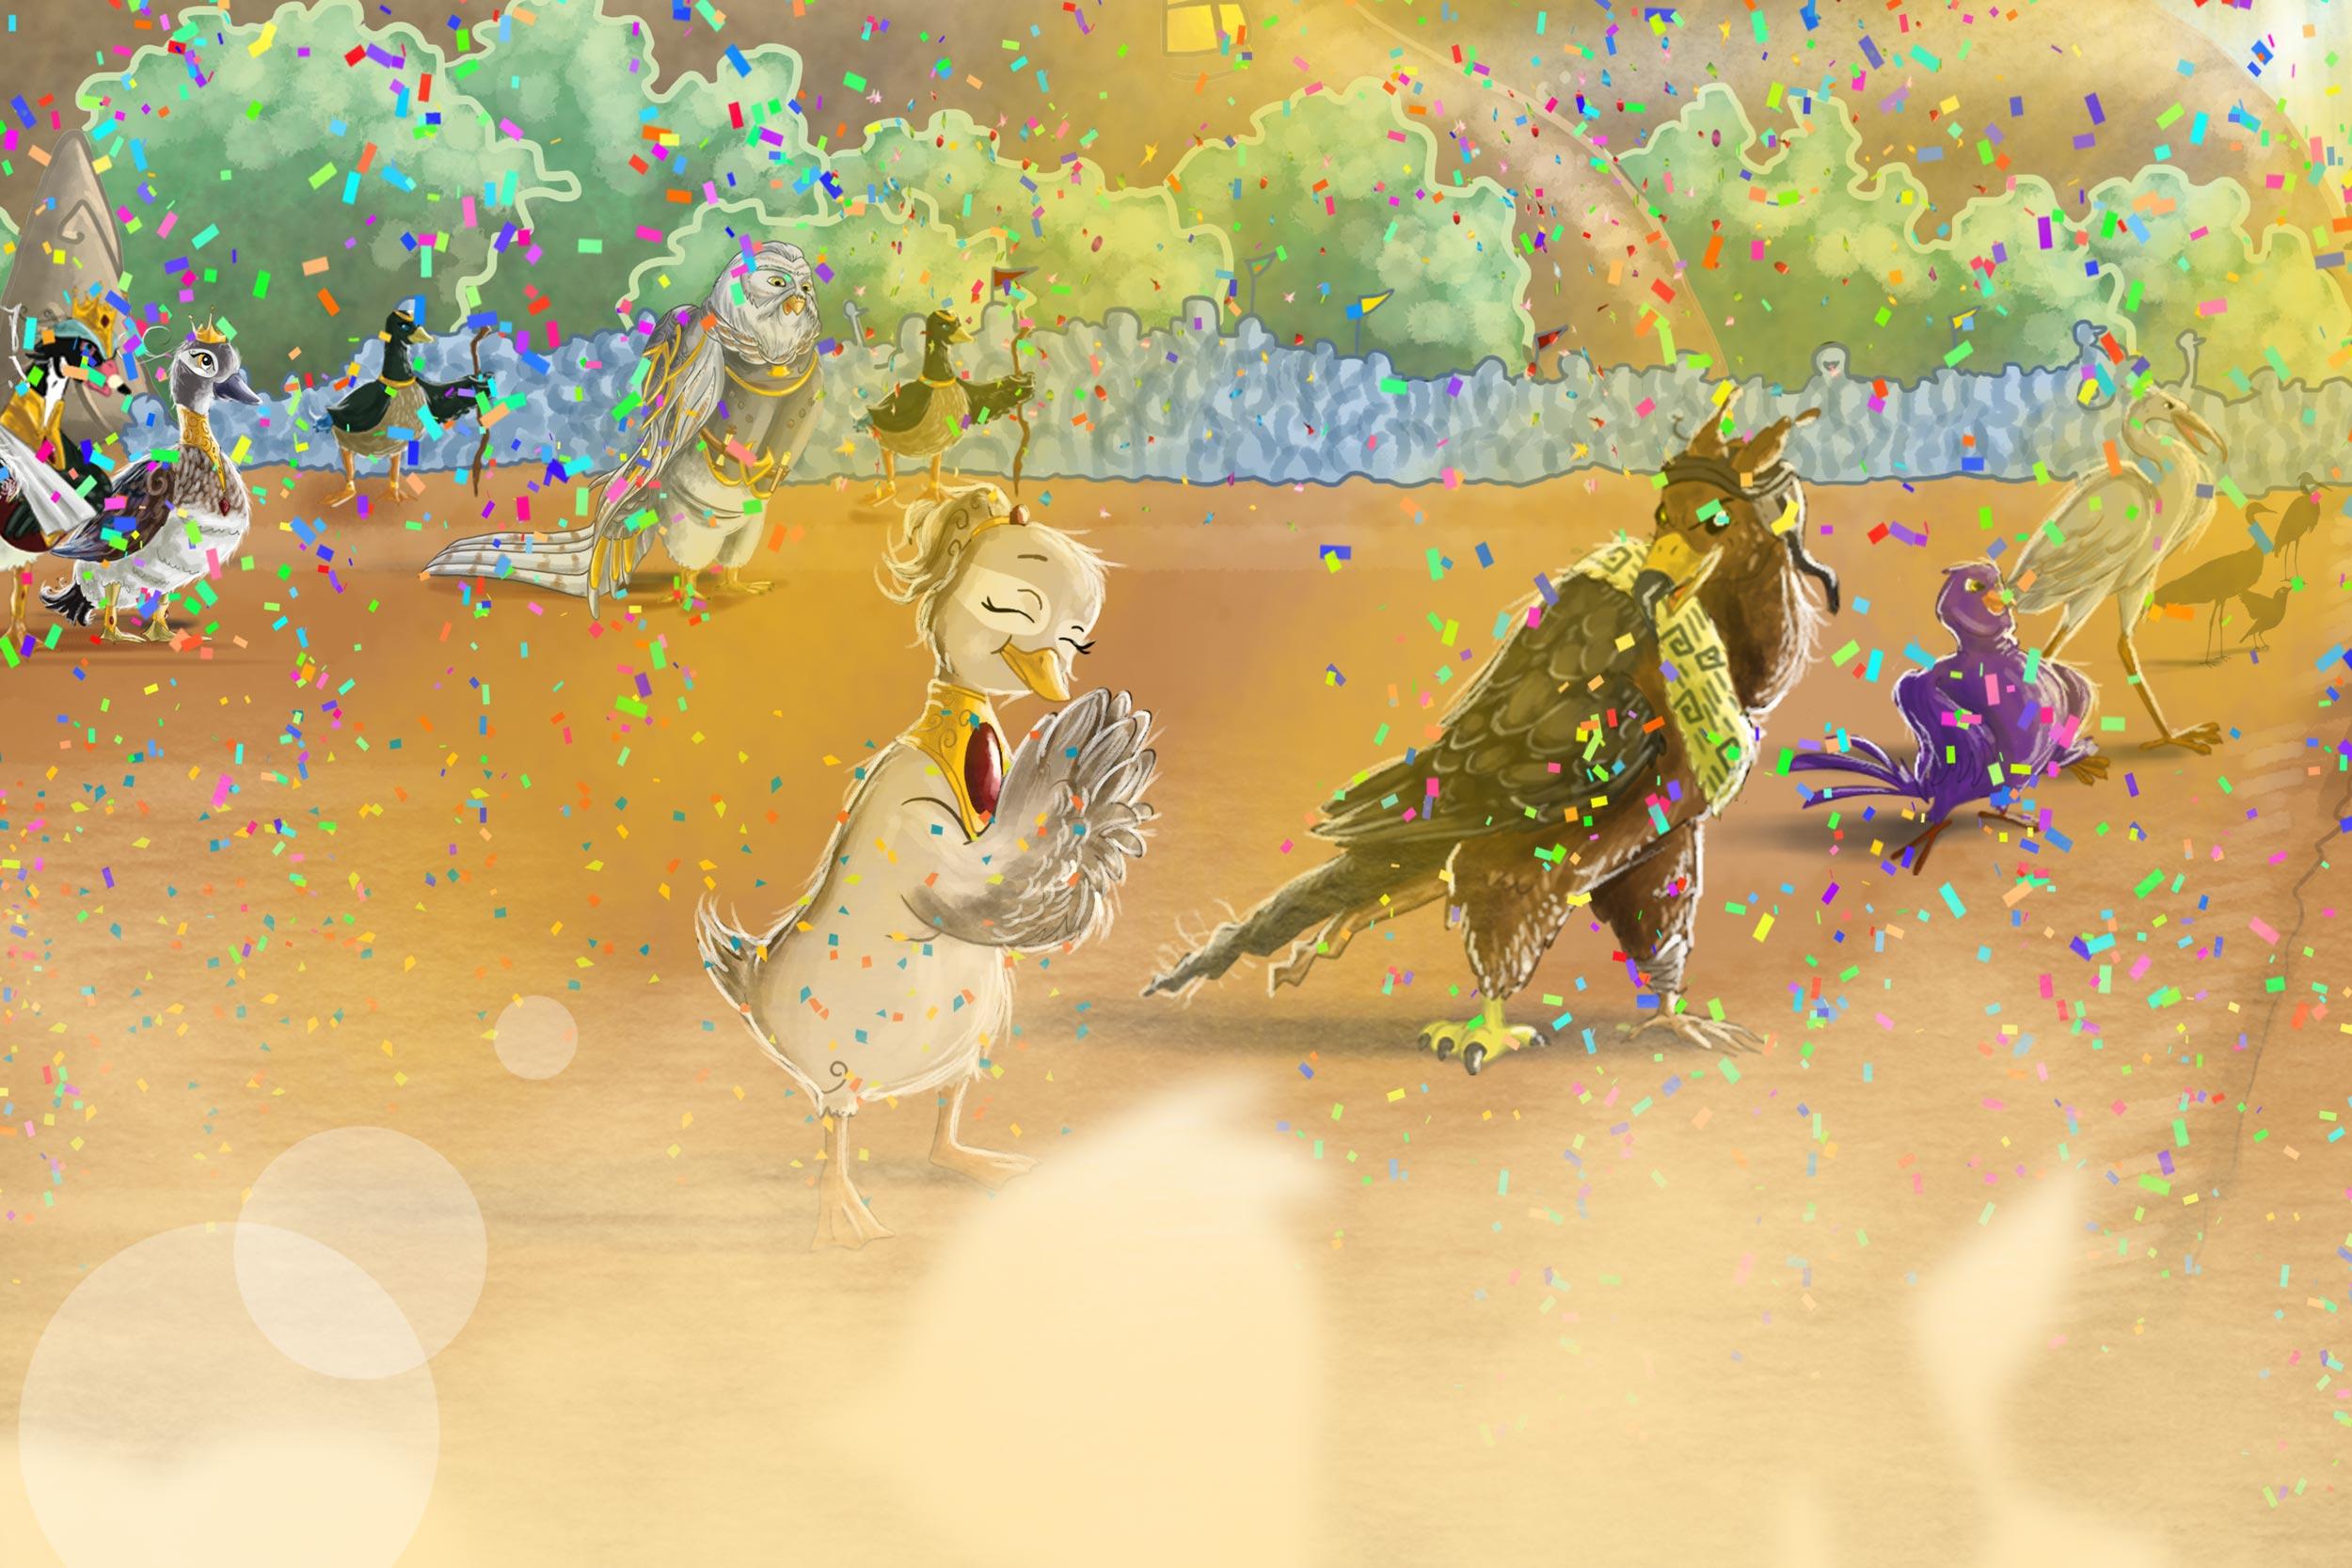 journey-of-puddle-christian-illustrated-children-books-illustration-9.jpg